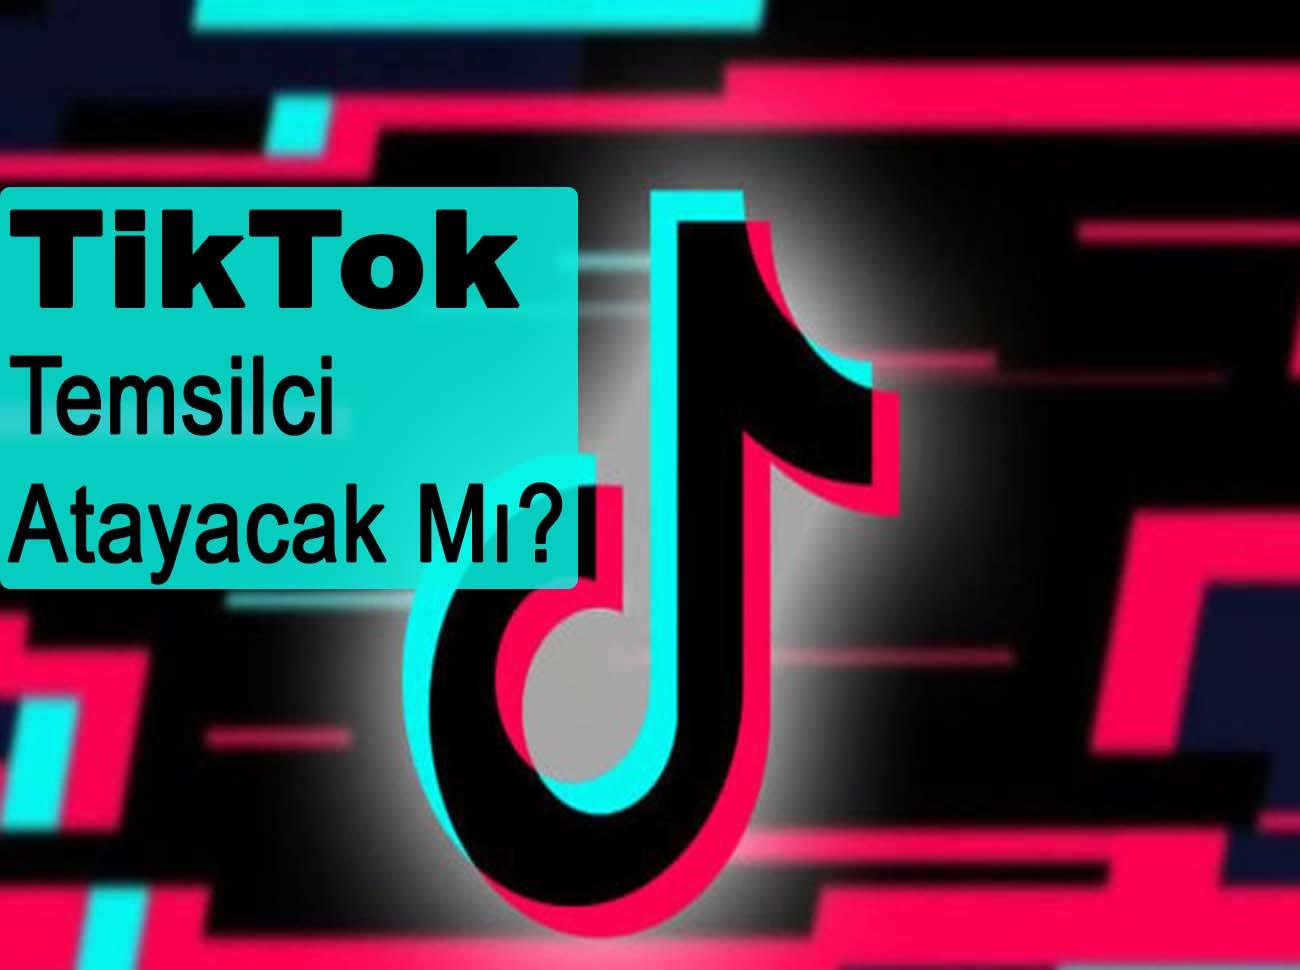 TikTok Türkiye'ye Temsilcilik Atayacak Mı?